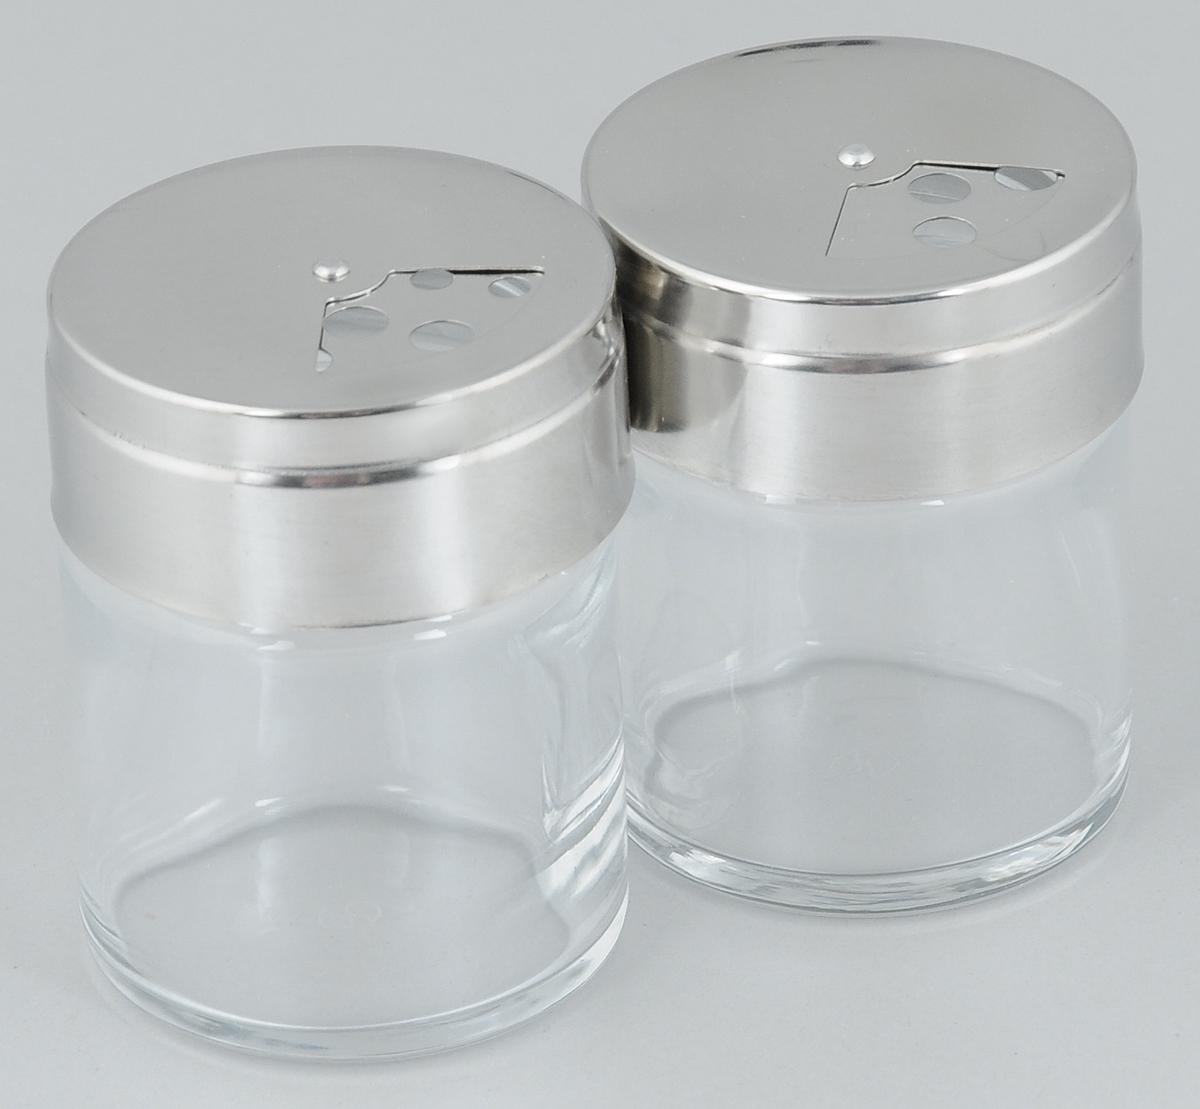 Набор емкостей для специй Pasabahce Basic, 115 мл, 2 шт43880BНабор Pasabahce Basic состоит из двух емкостей для специй, изготовленных из прозрачного стекла, что позволяет видеть количество содержимого в емкости. Изделия оснащены откручивающимися металлическими крышками с отверстиями. Стильная форма этих емкостей привлекает внимание и будет уместна на любой кухне. Размер емкости: 5,5 х 5,5 х 7 см.